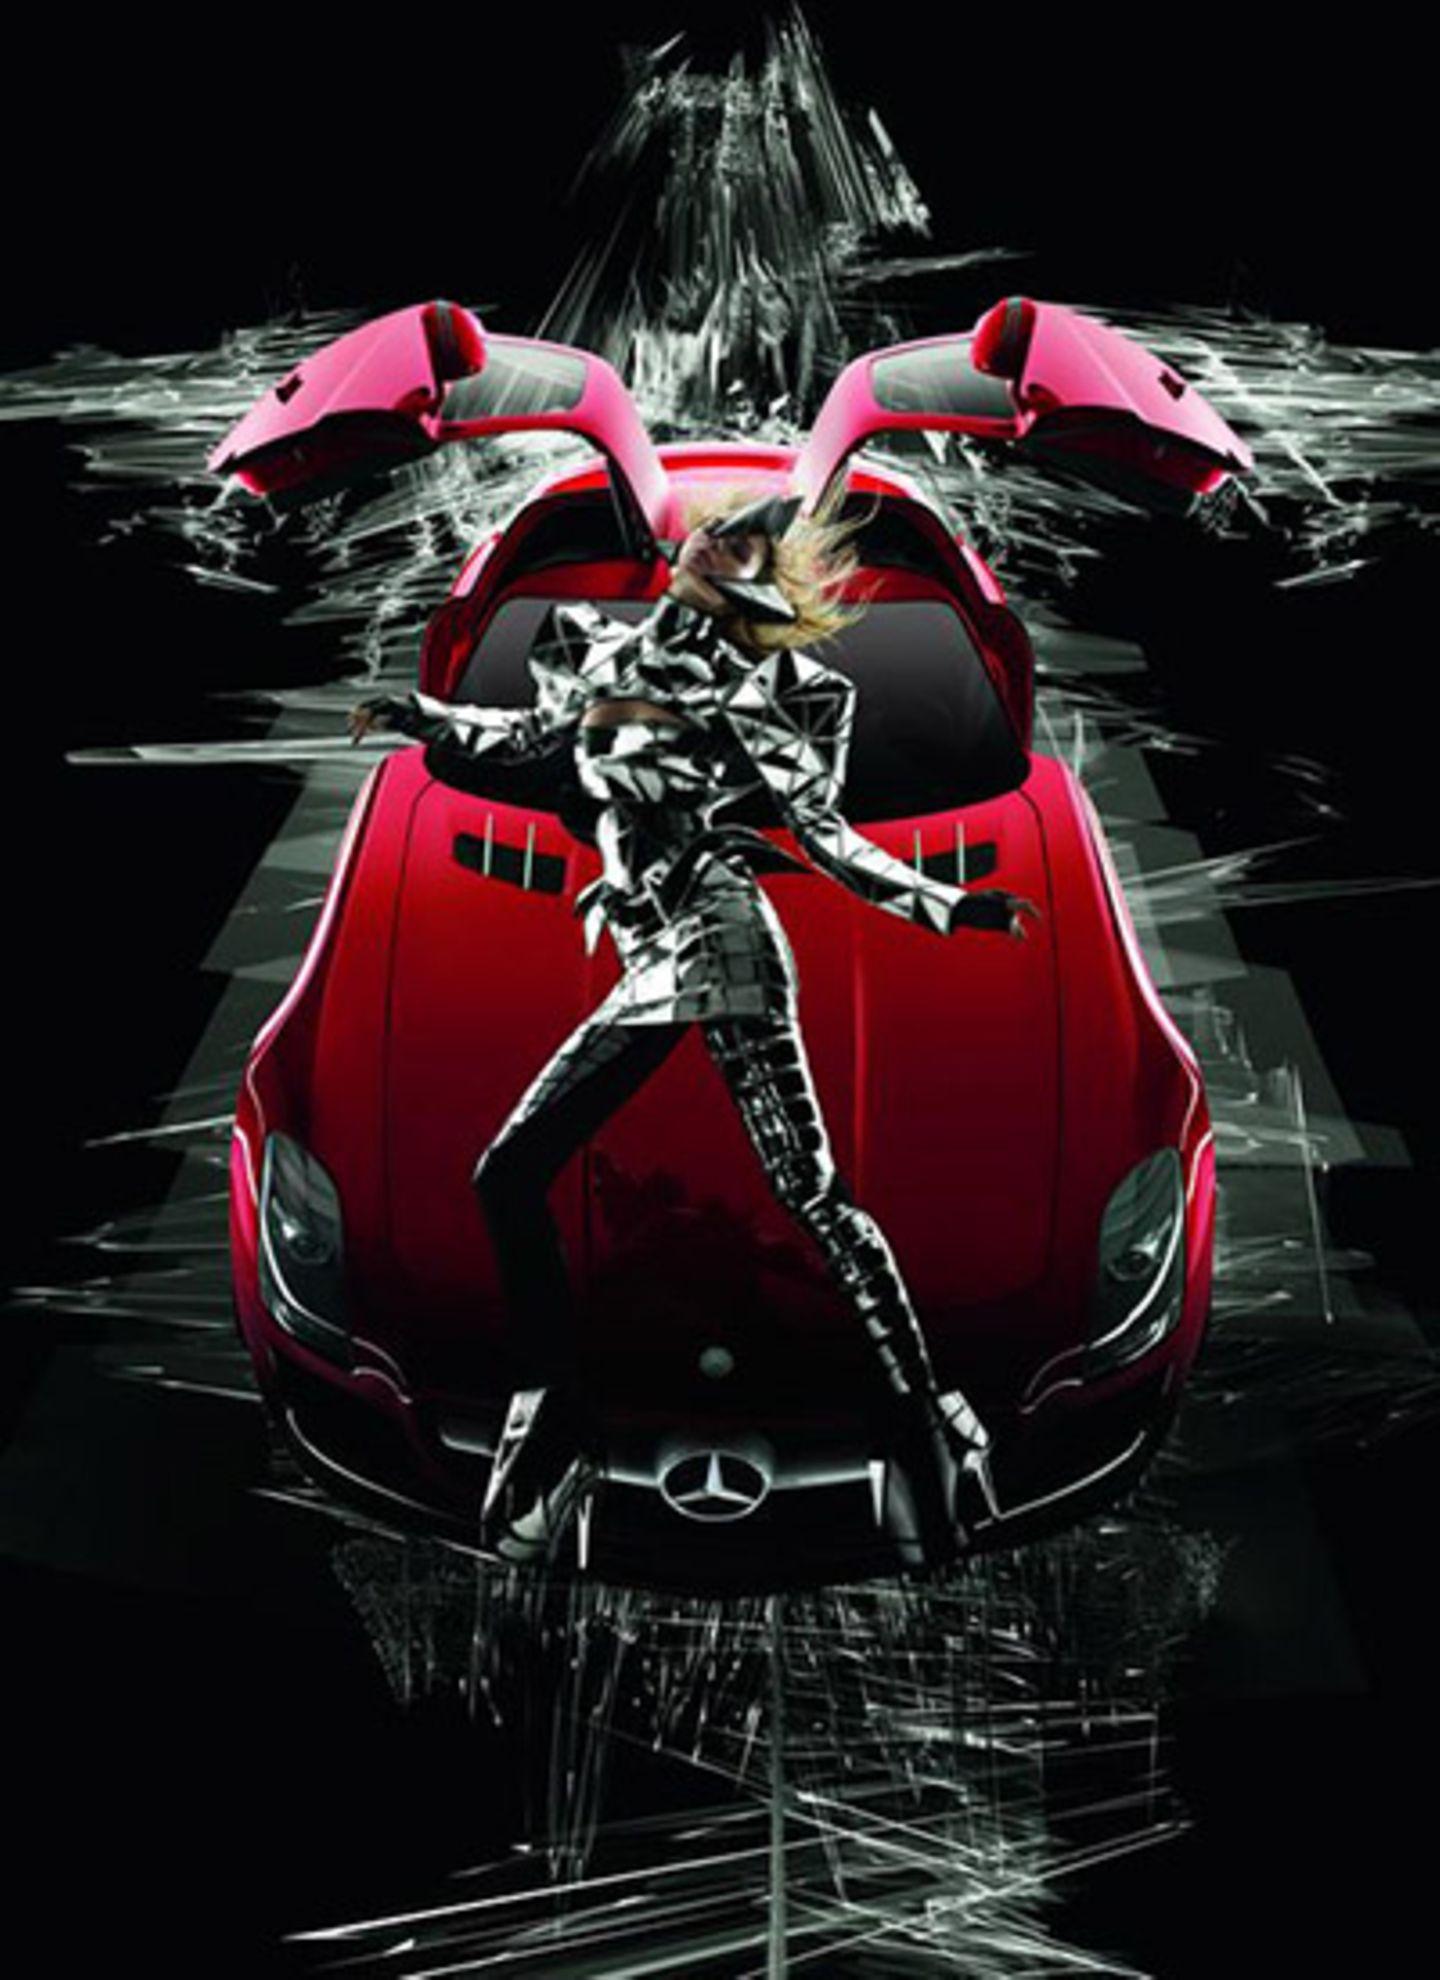 18. Dezember 2009: Zurück in die Zukunft - Das neue Plakat der Merceds Benz Fashion Week zeigt Julia Stegner und den neuen Stern